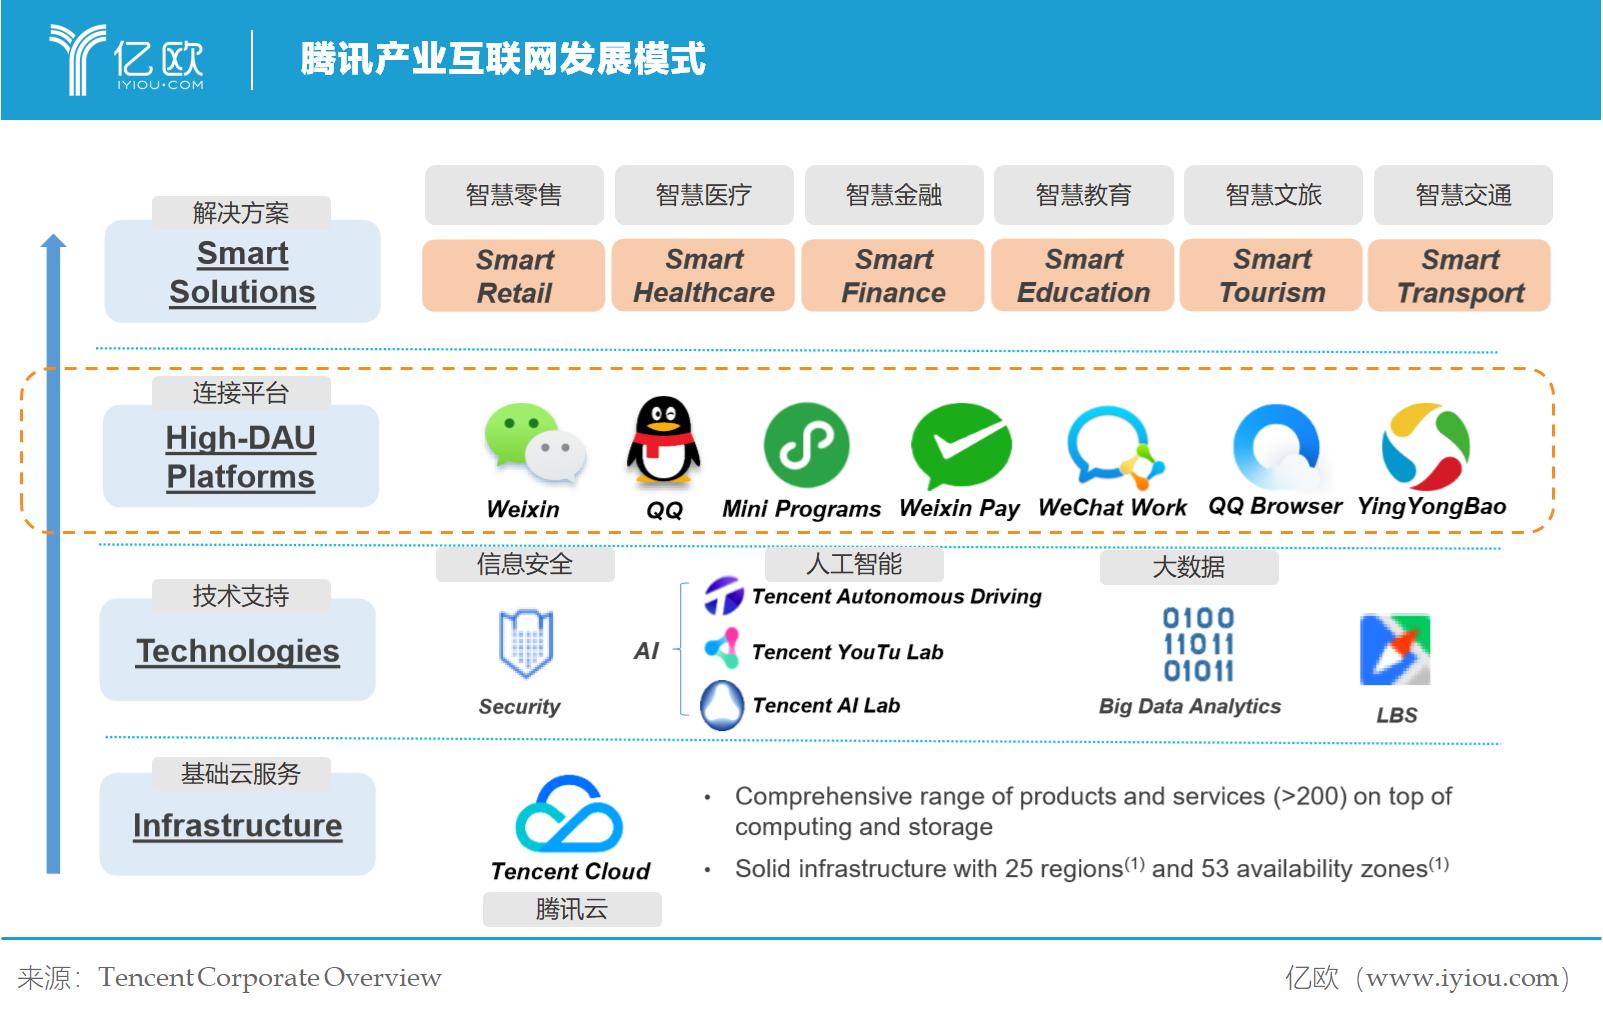 億歐智庫:騰訊產業互聯網發展模式